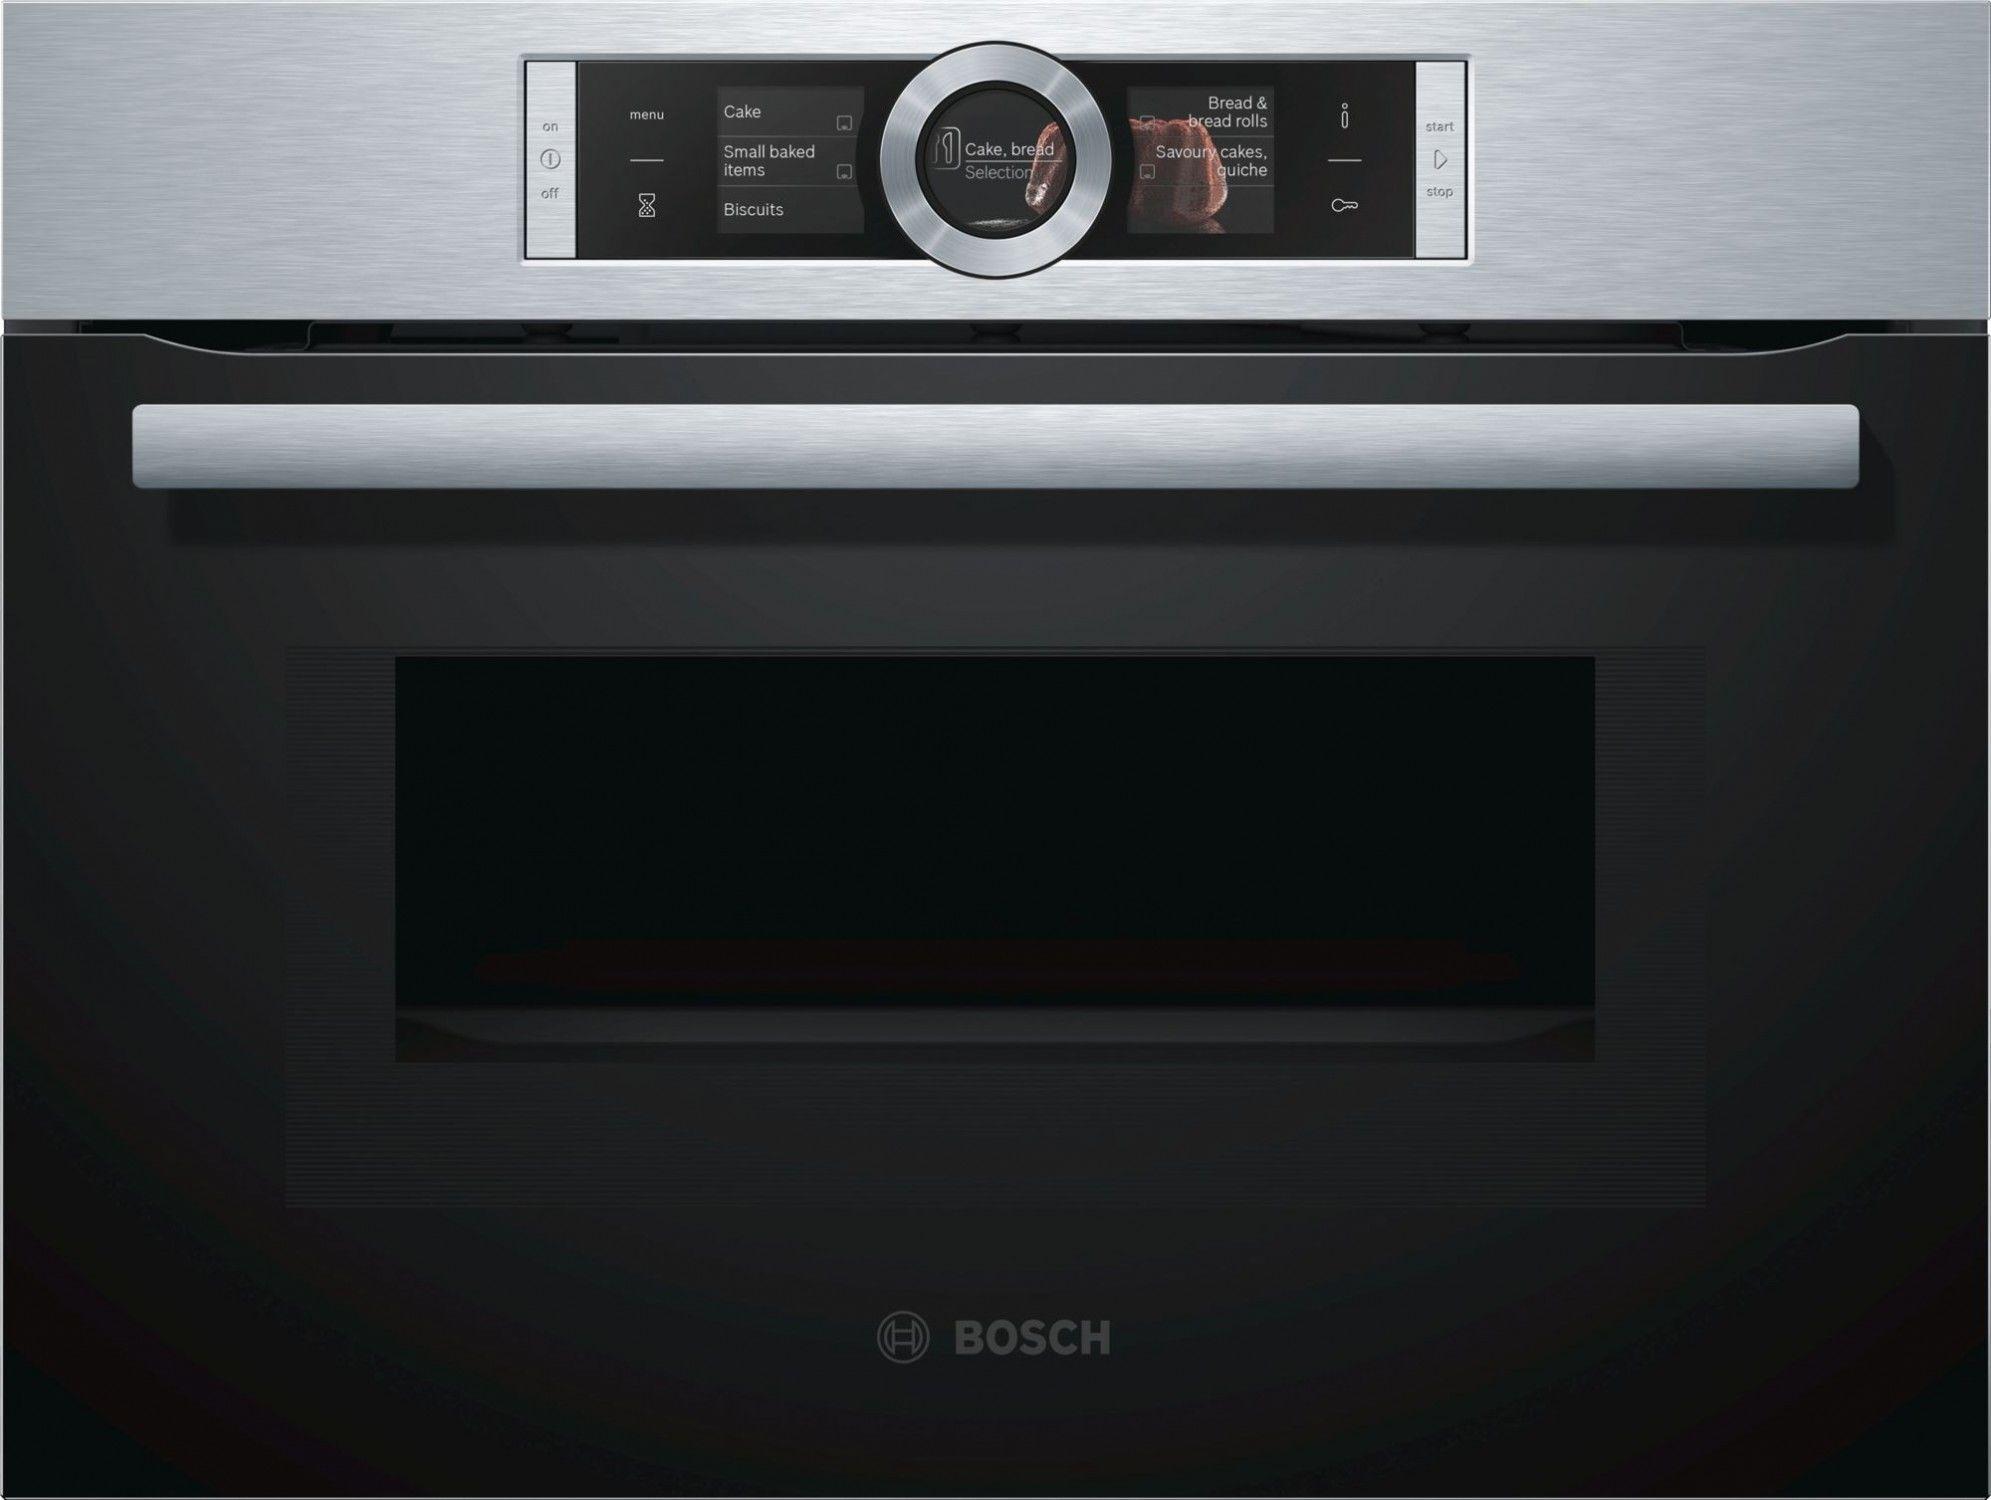 Piekarnik kompaktowy Bosch CMG636BS1, I tel. (22) 266 82 20 I Raty 0 % I kto pyta płaci mniej I Płatności online !